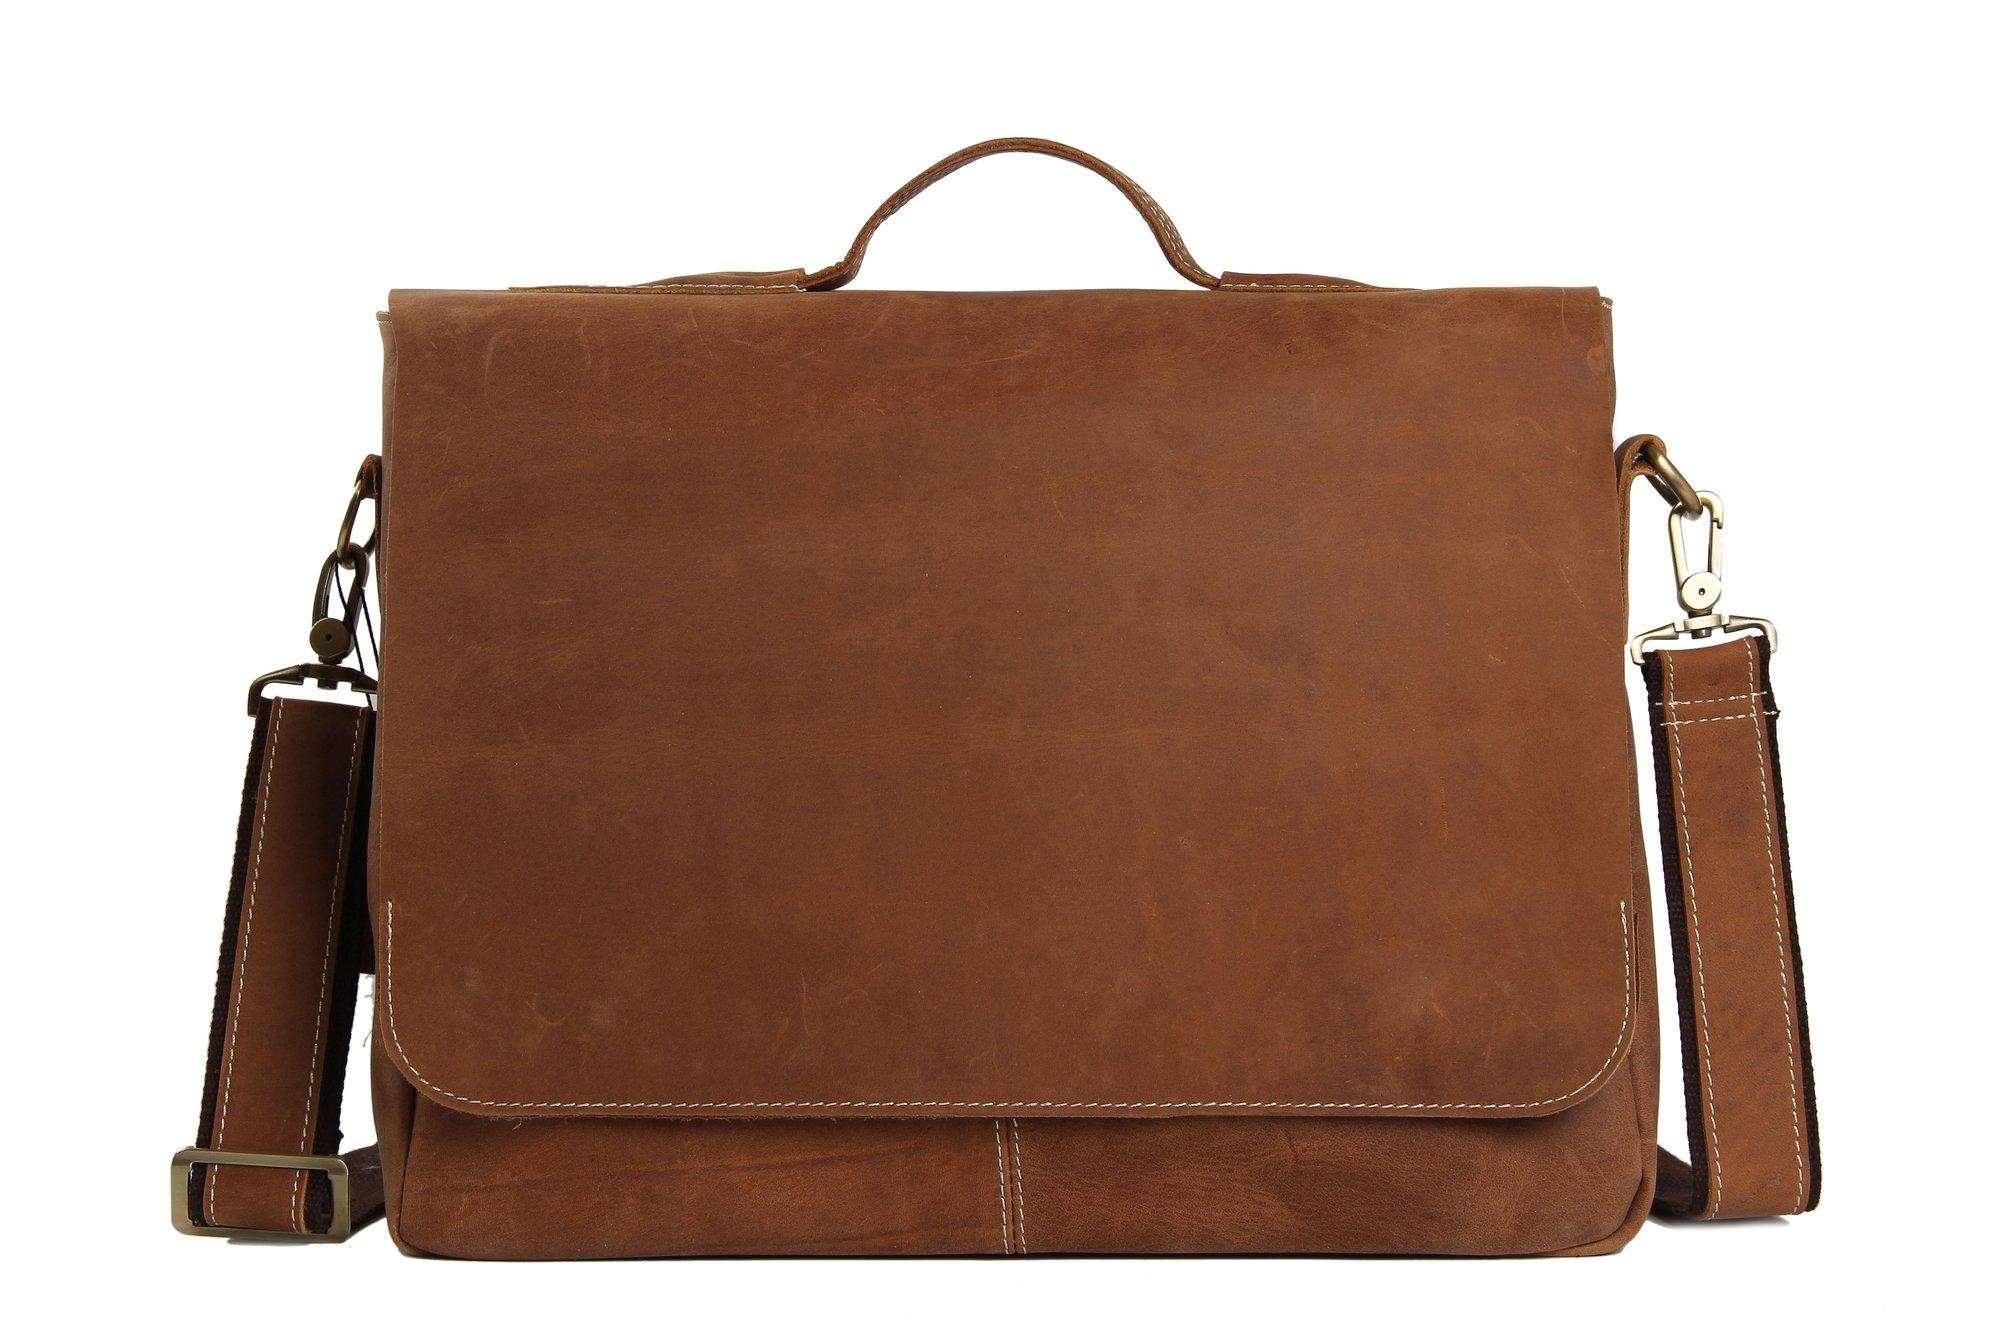 736eed1157c0e MoshiLeatherBag - Handmade Leather Bag Manufacturer — 14   Vintage Leather  Briefcase Messenger Bag